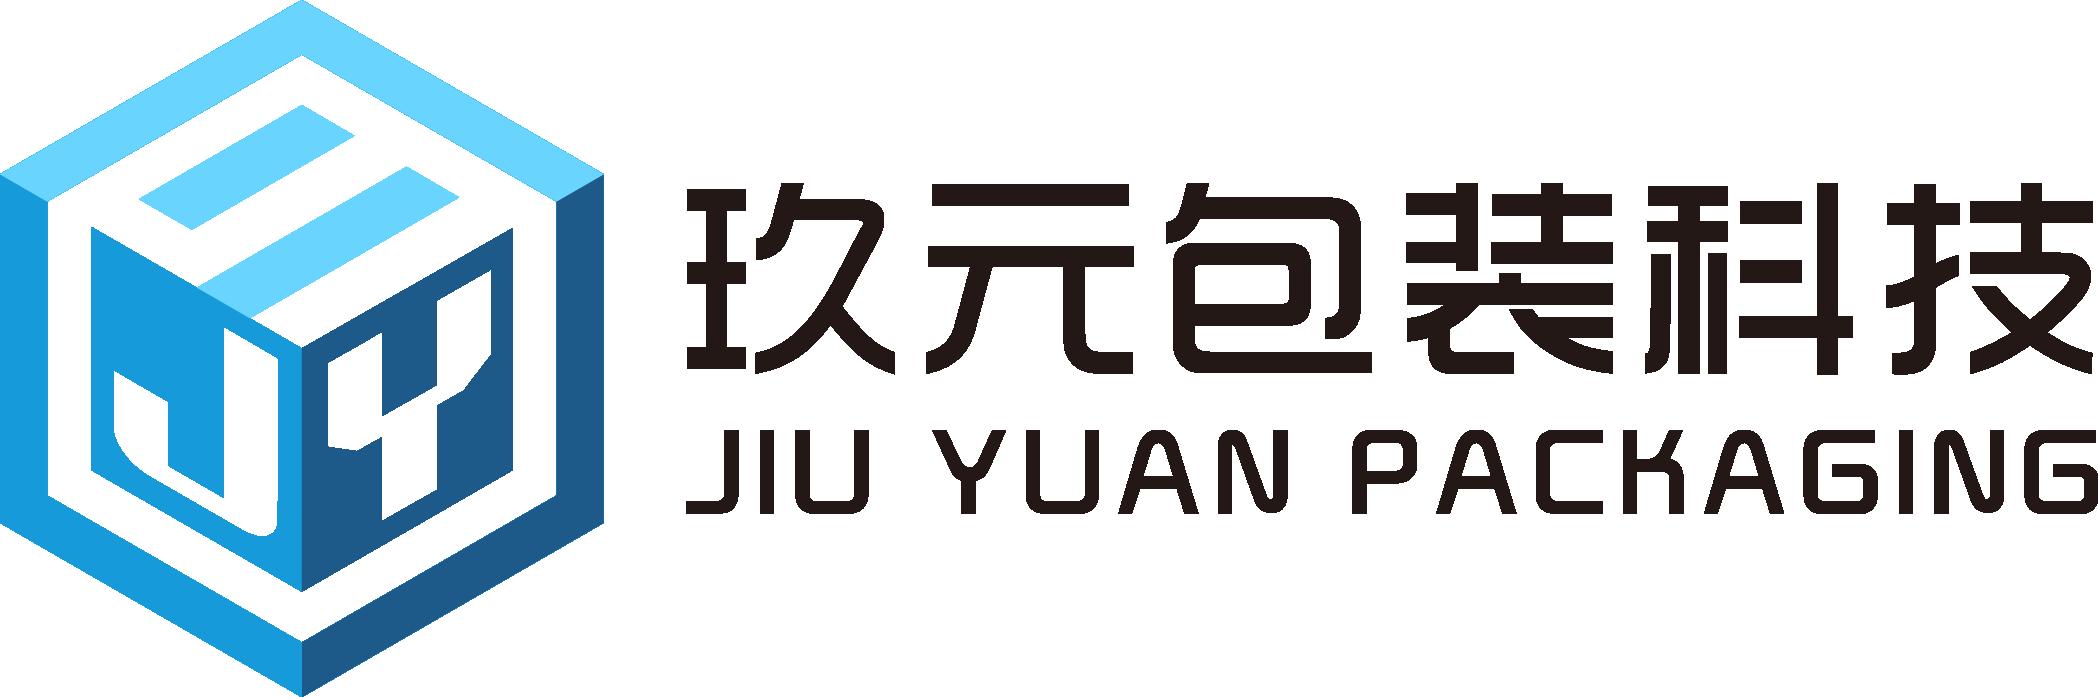 上海玖元包装